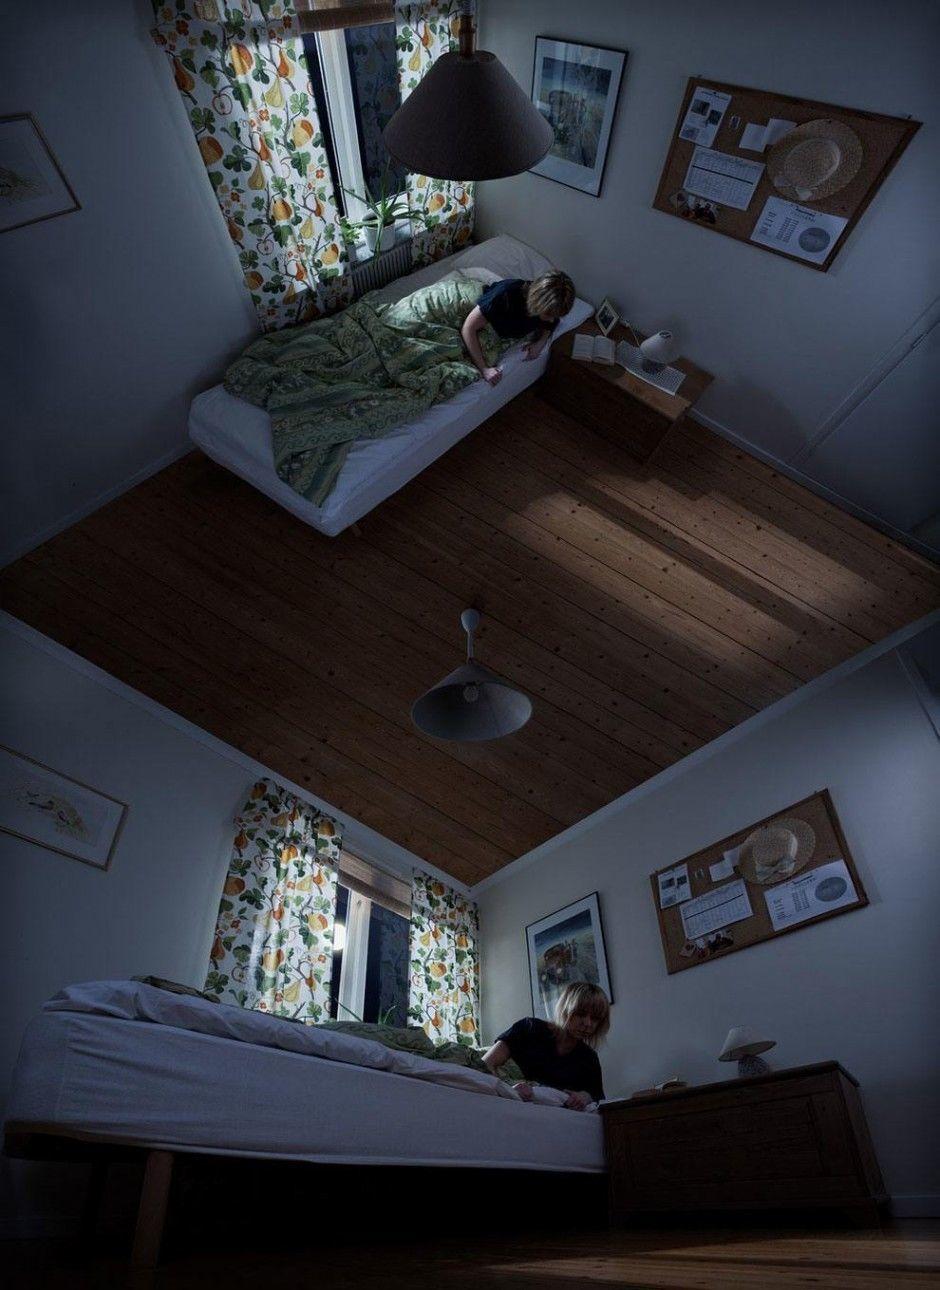 Verblüffende Fotomontagen 31.08.2015 von Claudia Gerdes  In Making-of-Videos zeigt Fotograf und Photoshop-Artist Erik Johansson, wie seine surrealen Montagen entstehen.